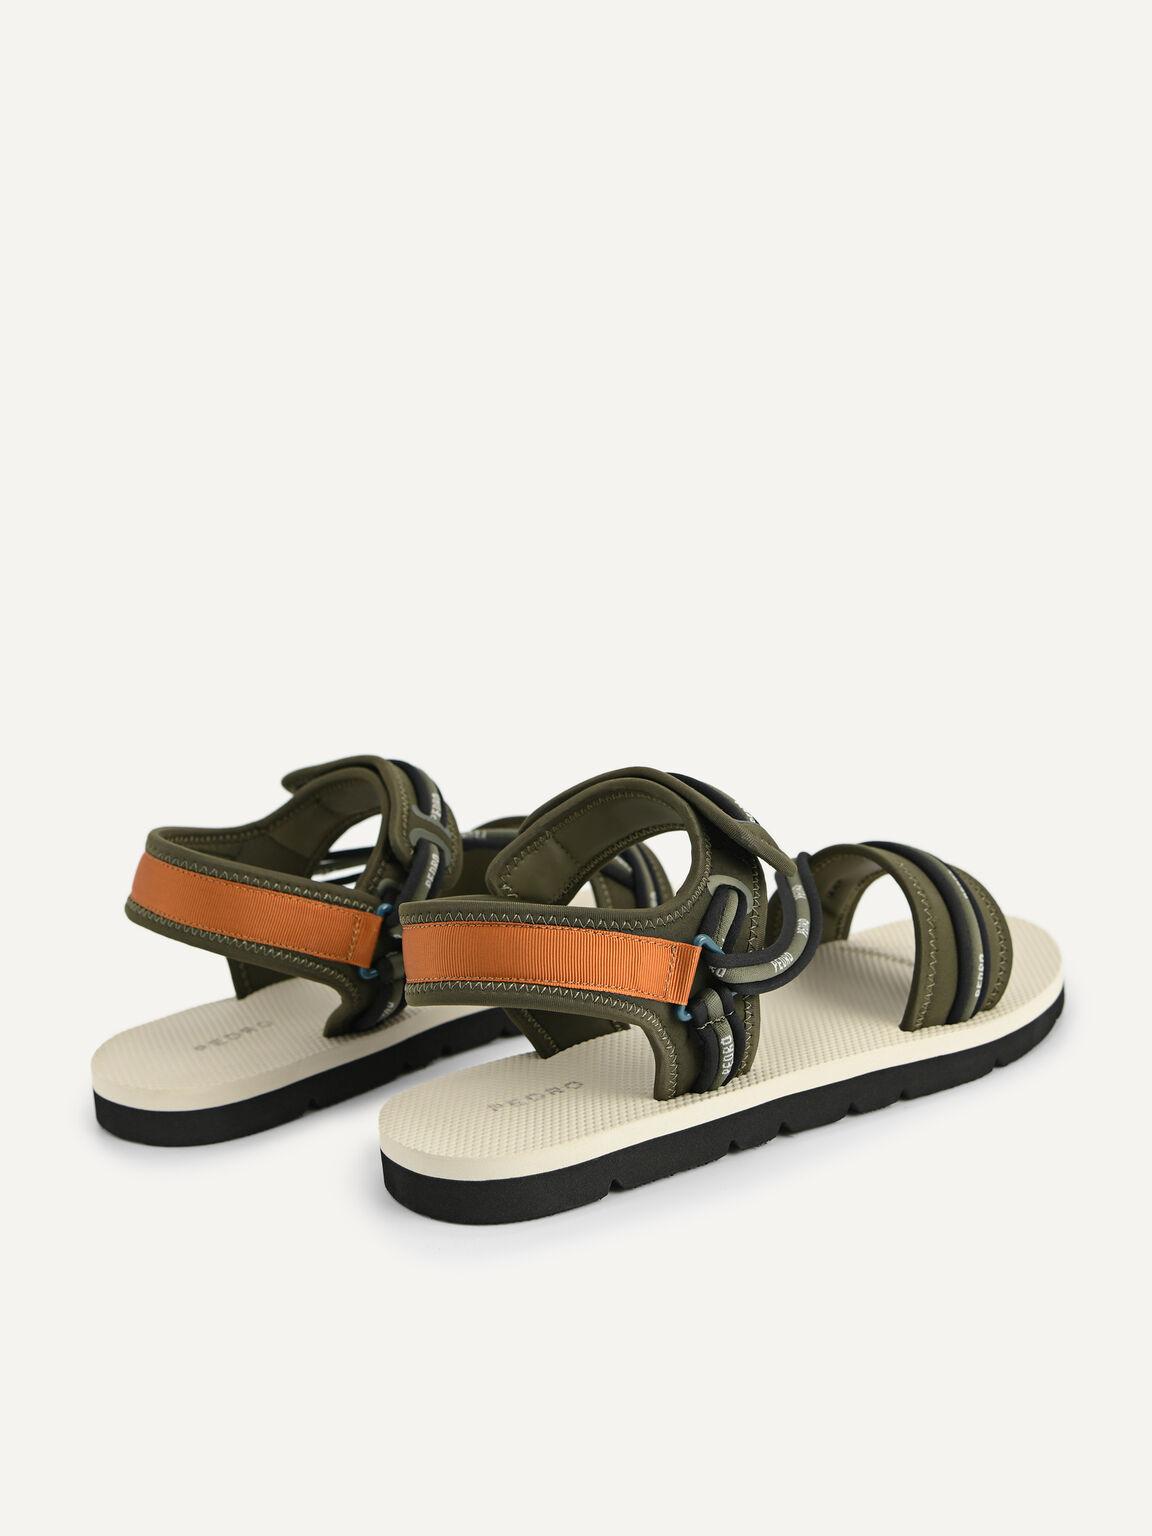 Slingback Sandals, Military Green, hi-res